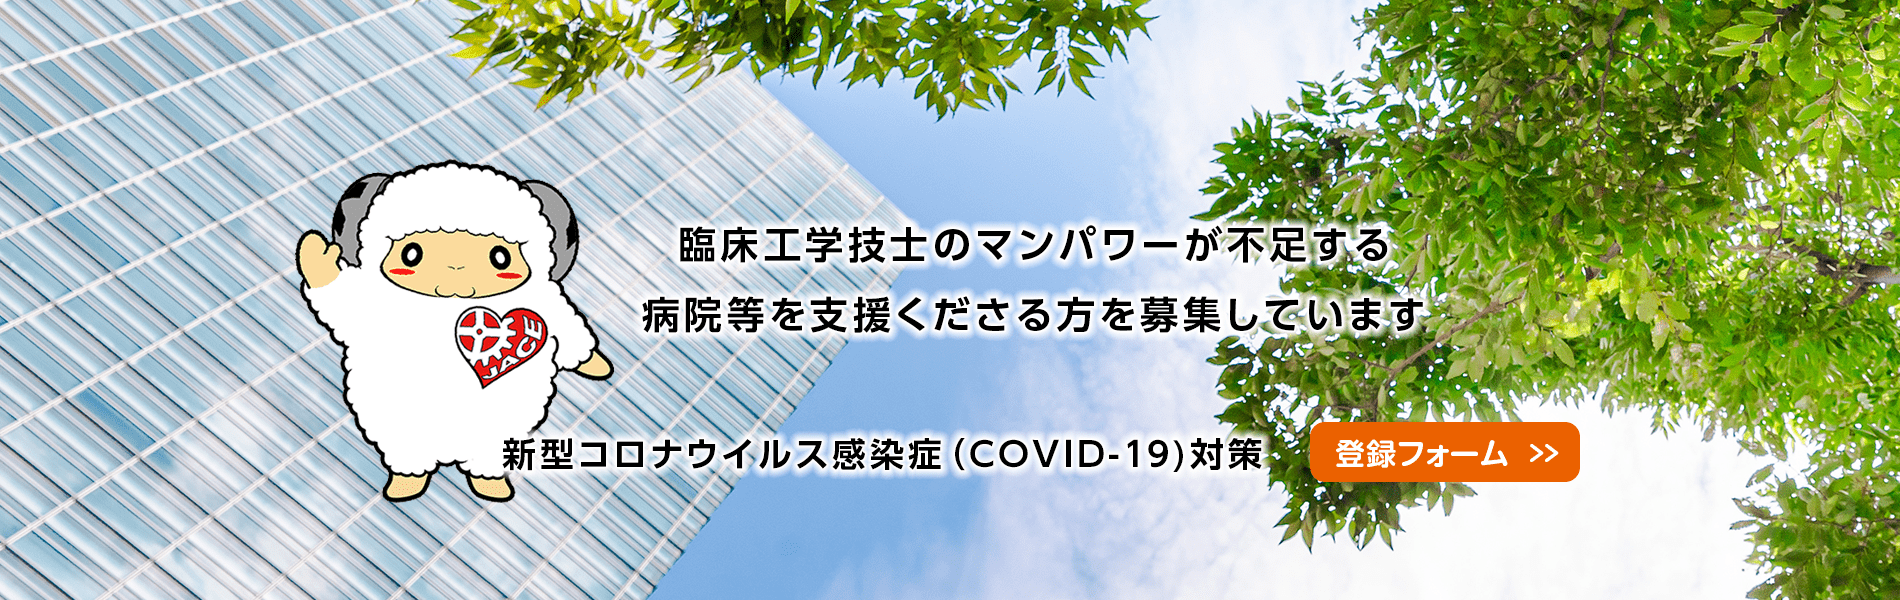 新型コロナウイルス感染症 (COVID-19 ) 対策